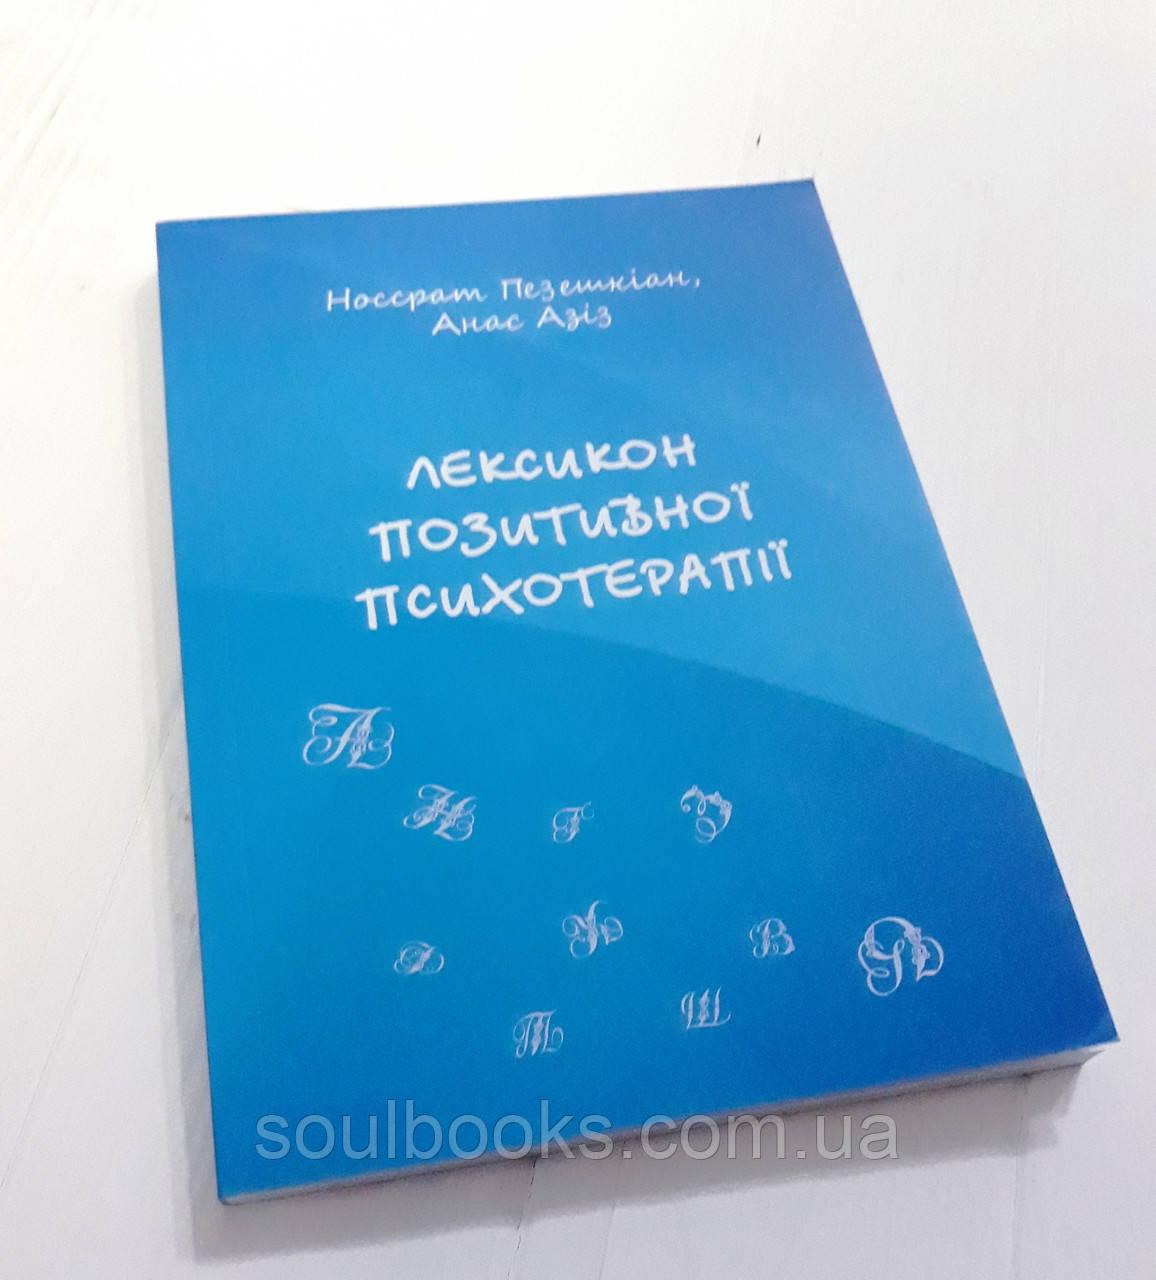 Лексикон позитивної психотерапії. Носсрат Пезещкіан, Анас Азіз